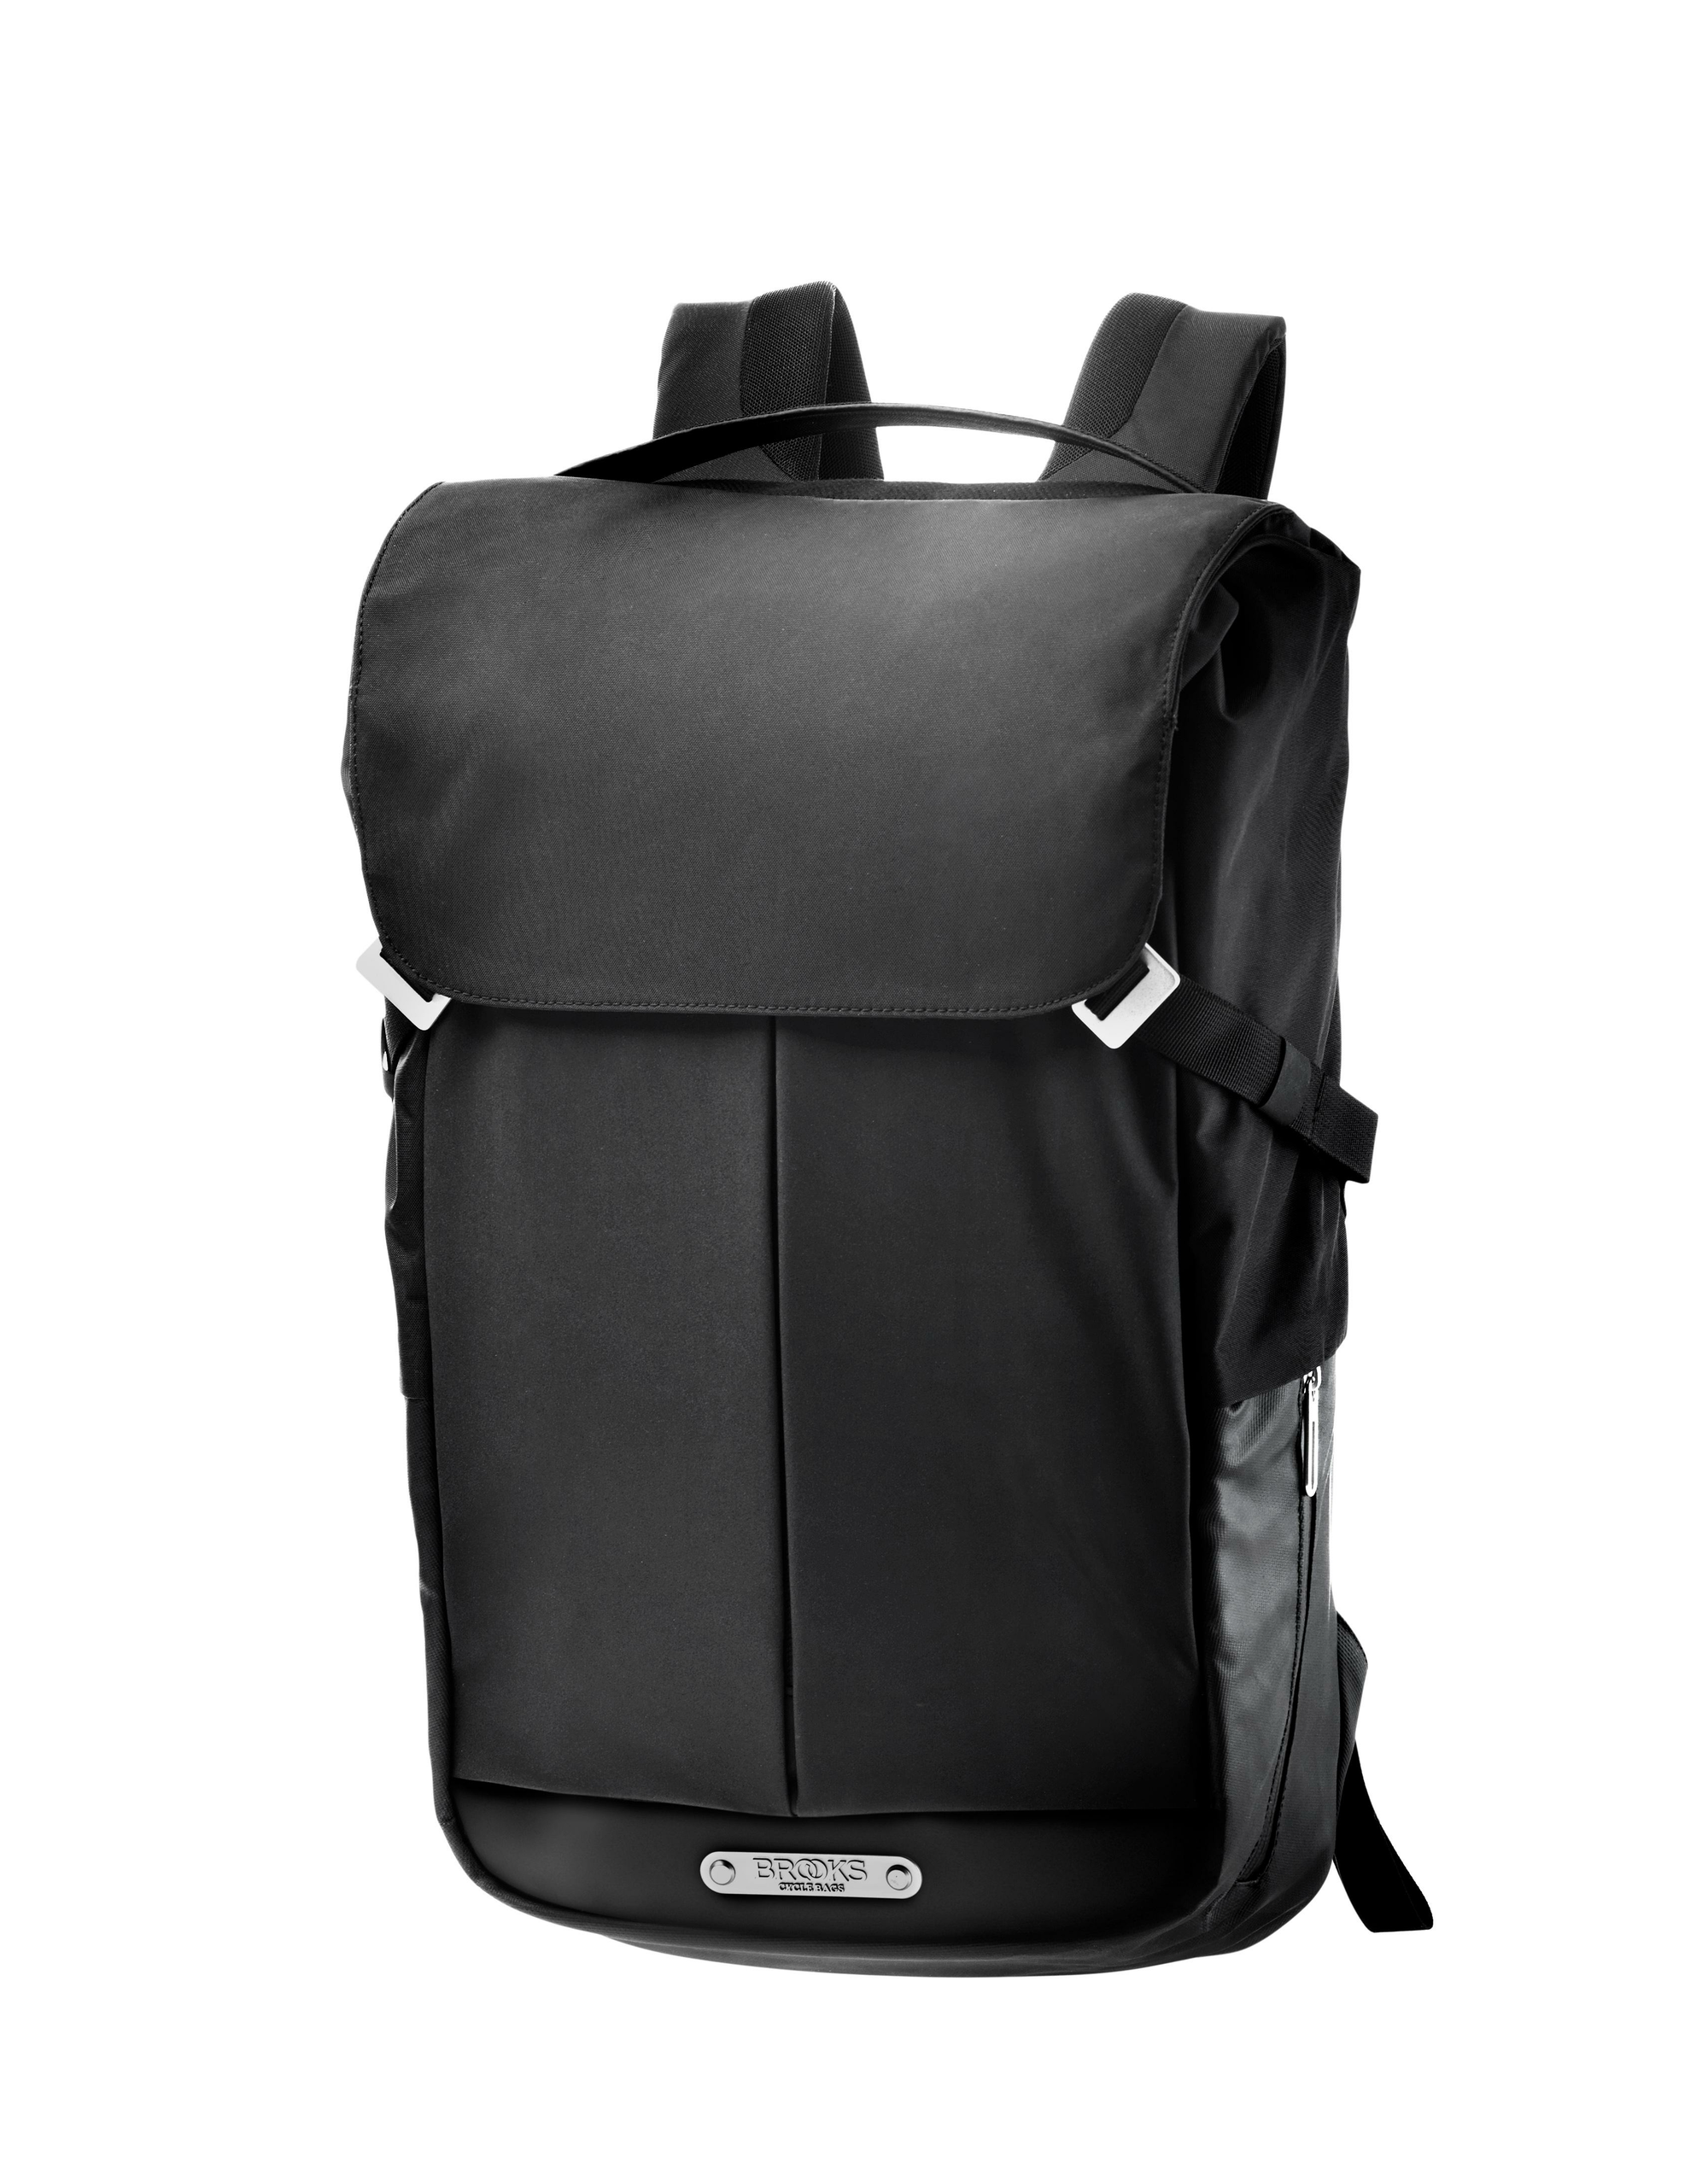 Brooks PITFIELD Backpack Rucksack